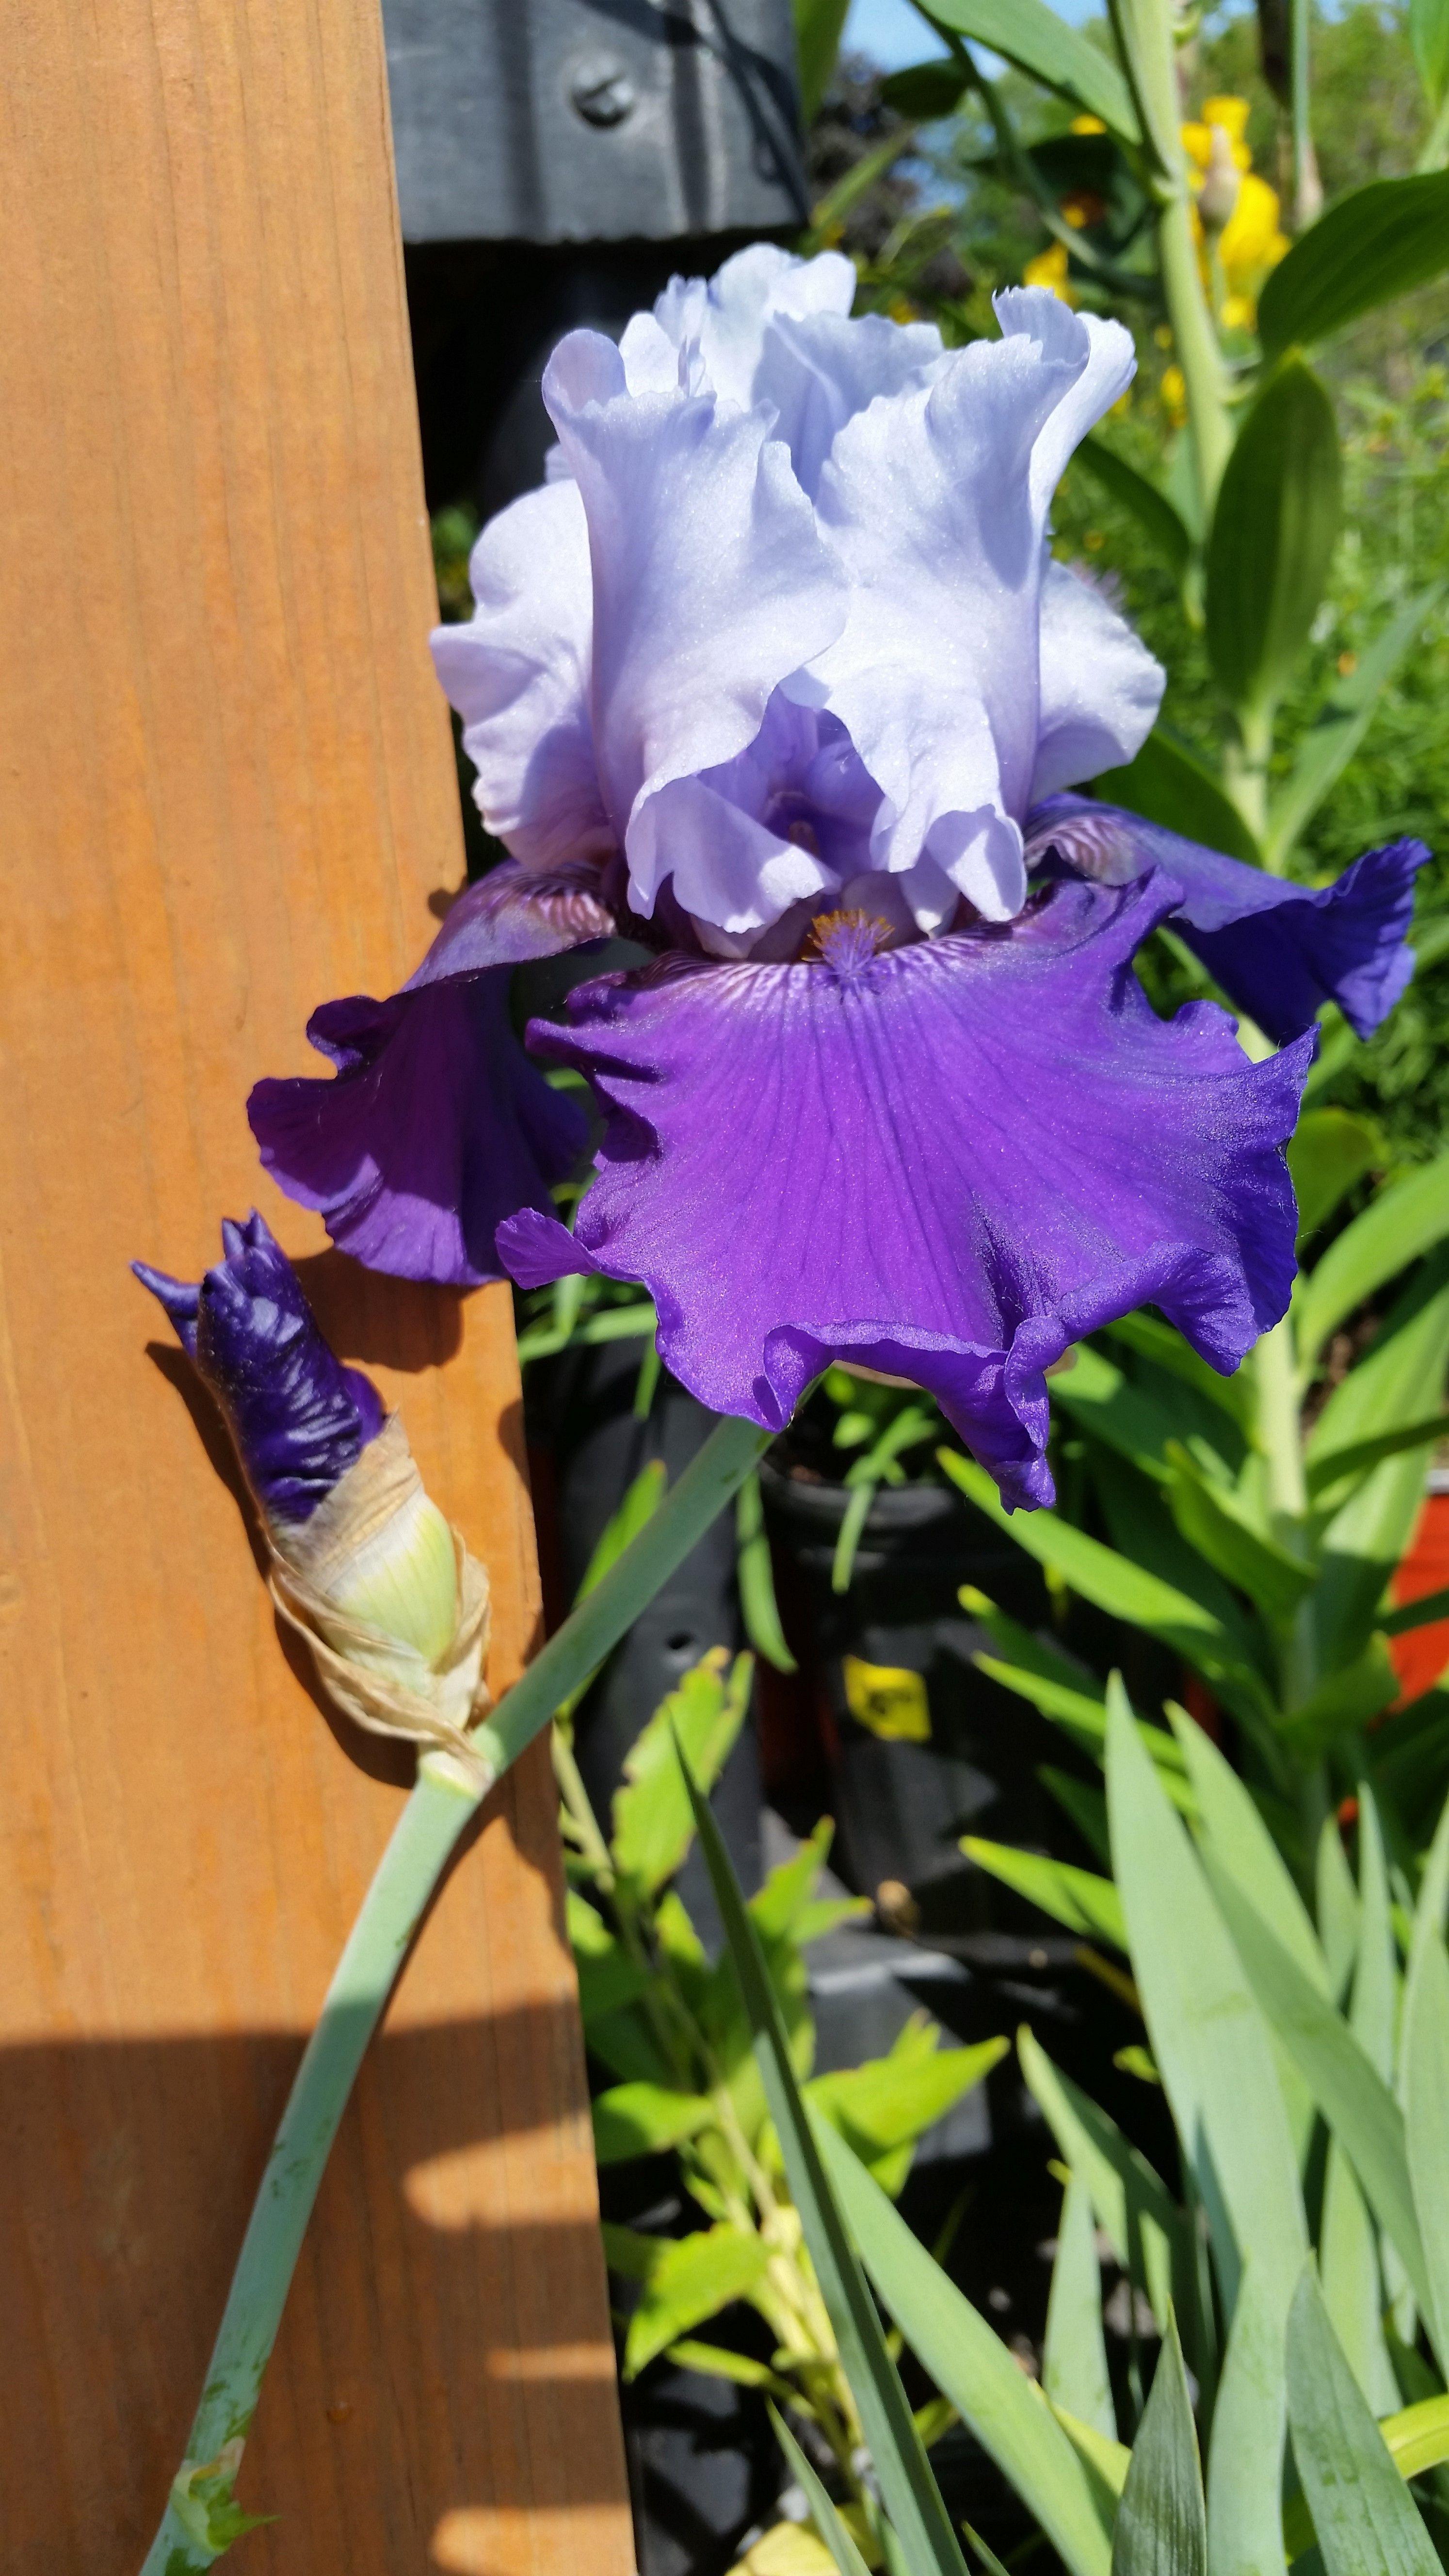 Bearded Iris The Queen Of Garden